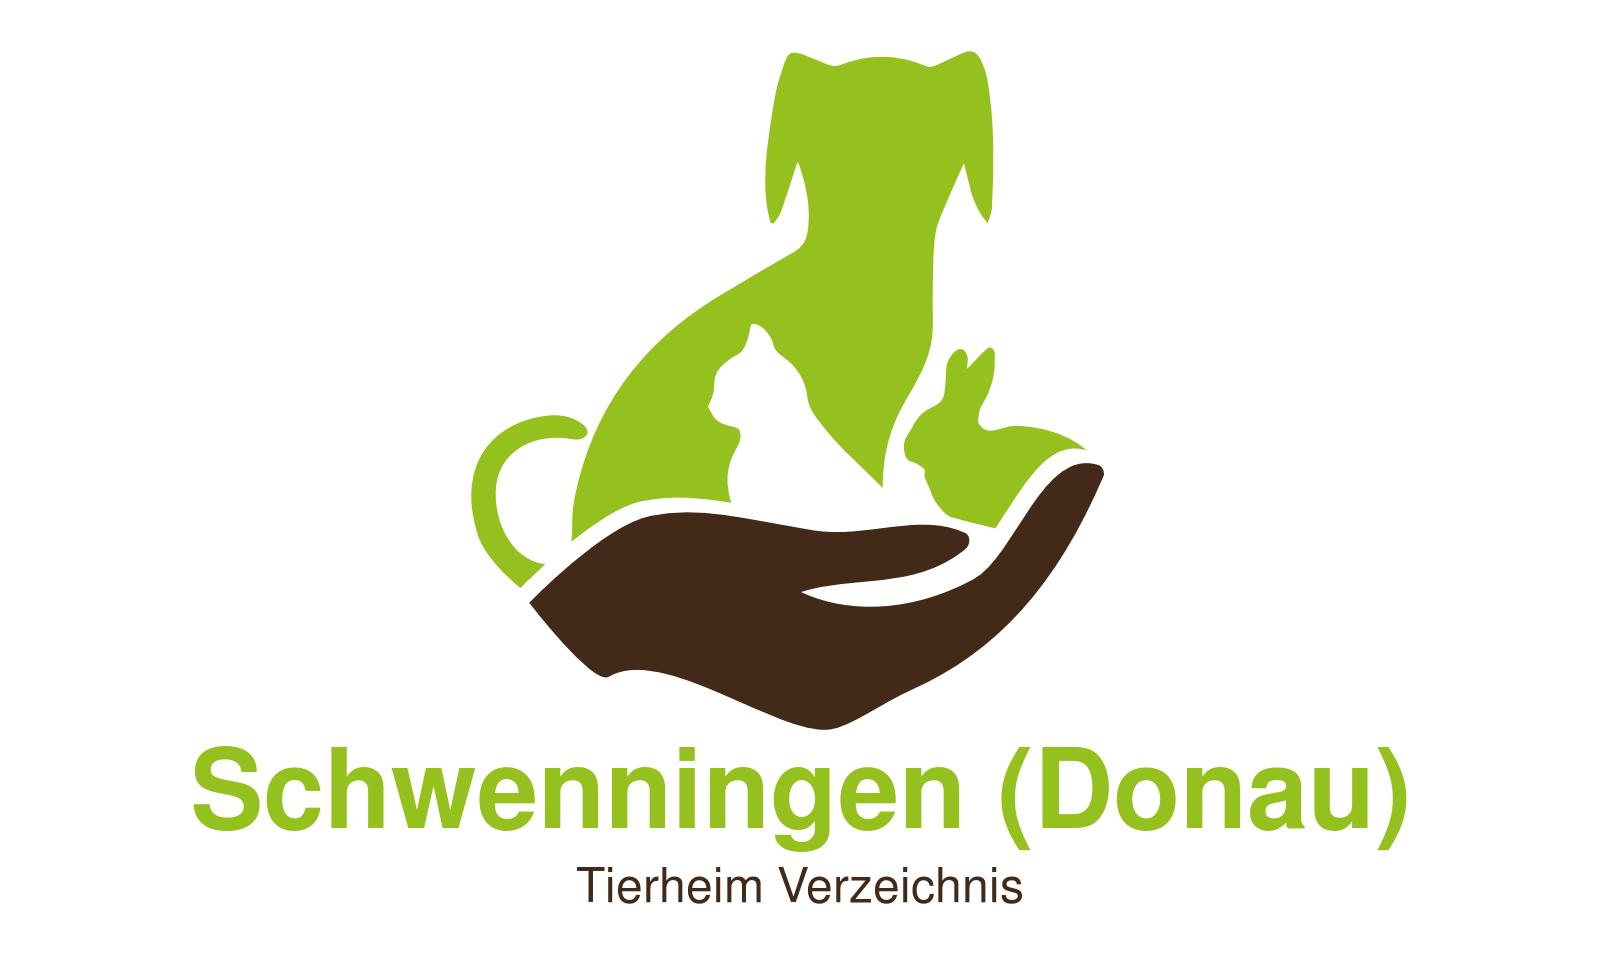 Tierheim Schwenningen (Donau)